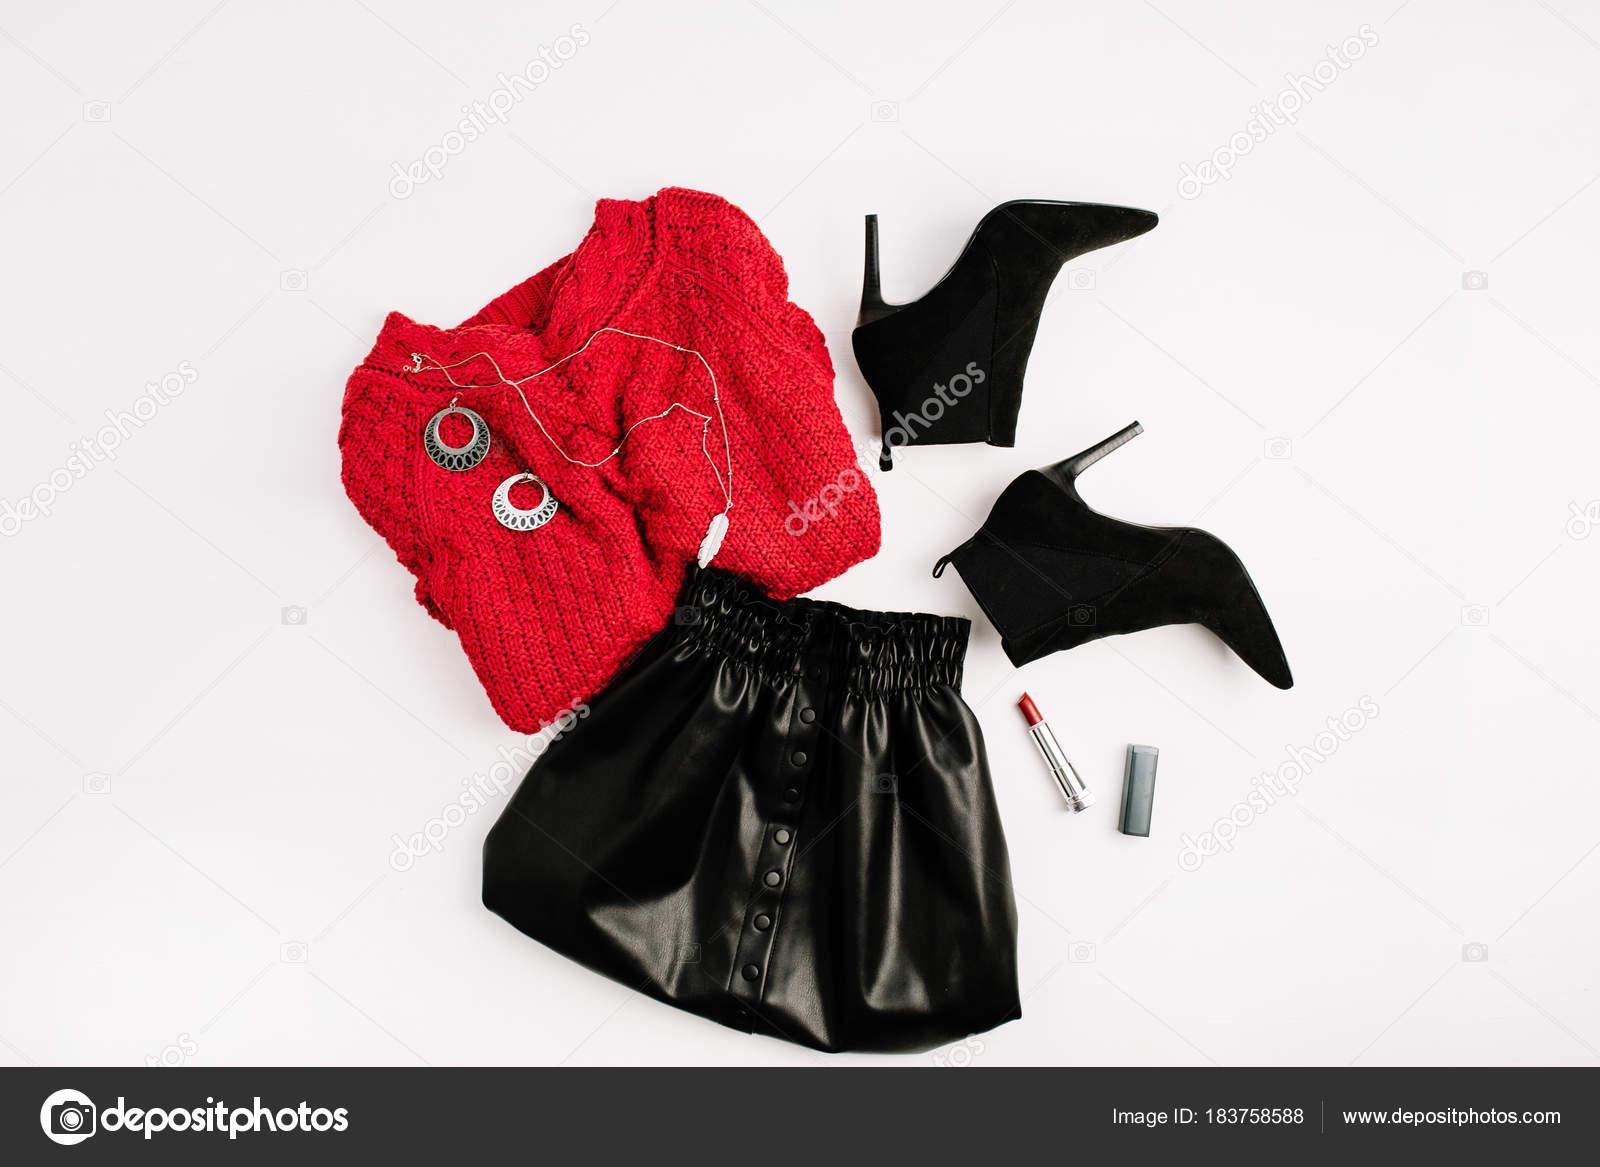 bdf35cfb03 Női Divat Ruházat Piros Pulóvert Fekete Szoknya Cipő Rúzs Lapos — Stock Fotó